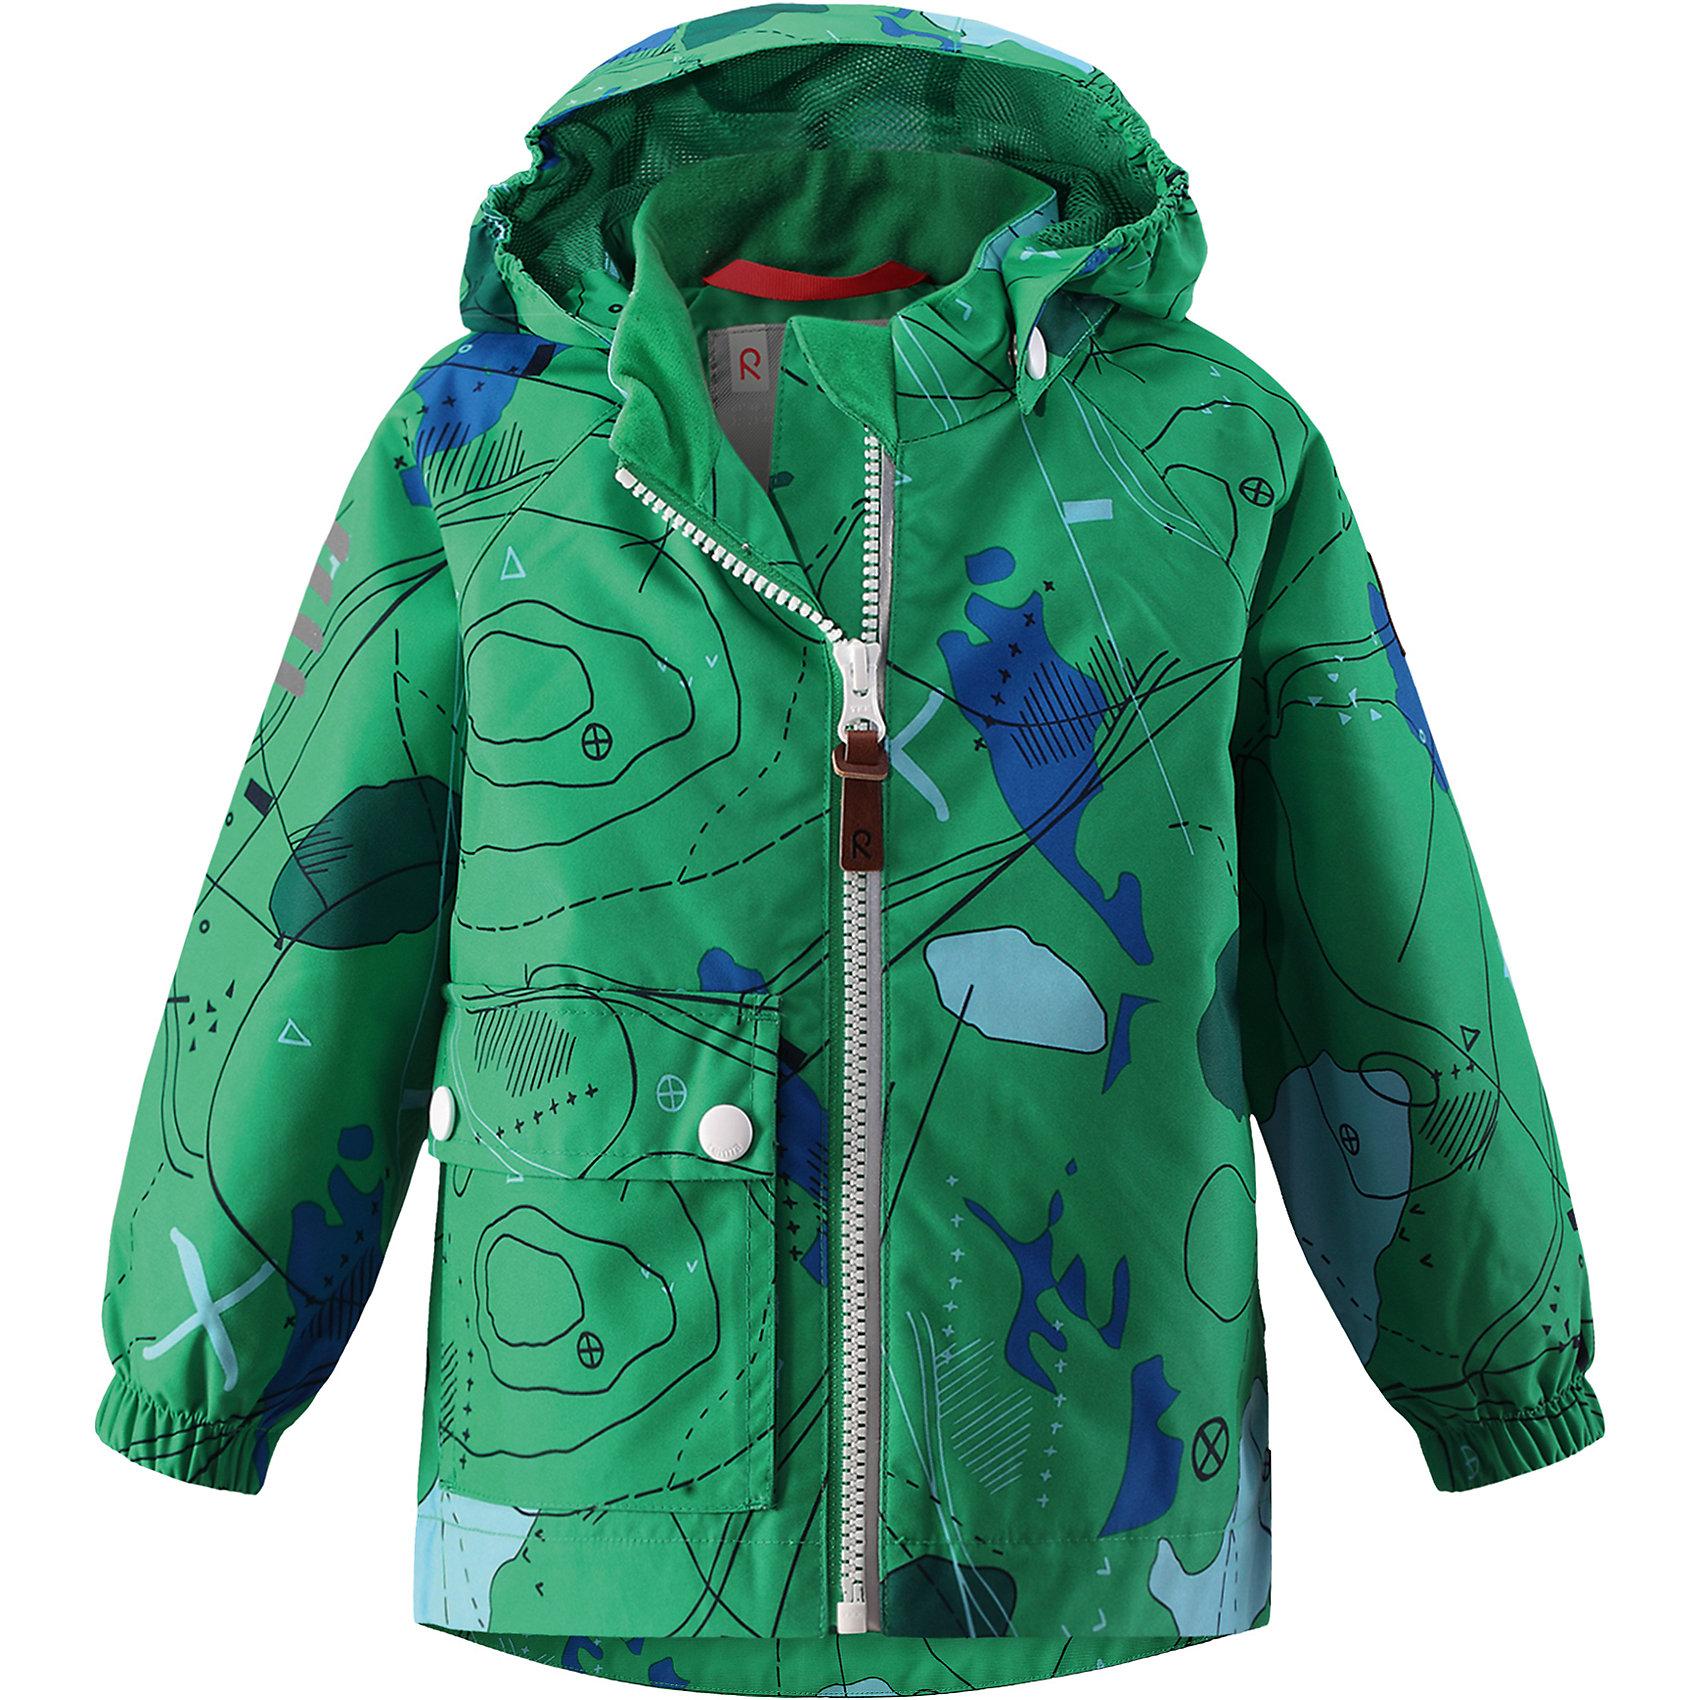 Куртка Leikki для мальчика Reimatec® ReimaВерхняя одежда<br>Характеристики товара:<br><br>• цвет: зеленый<br>• состав: 100% полиэстер, полиуретановое покрытие<br>• температурный режим: от +5°до +15°С<br>• водонепроницаемость: 8000 мм<br>• воздухопроницаемость: 5000 мм<br>• износостойкость: 30000 циклов (тест Мартиндейла)<br>• без утеплителя<br>• швы проклеены, водонепроницаемы<br>• водо- и ветронепроницаемый, дышащий, грязеотталкивающий материал<br>• гладкая подкладка из полиэстера<br>• эластичные манжеты<br>• карман с клапаном<br>• светоотражающие детали<br>• комфортная посадка<br>• страна производства: Китай<br>• страна бренда: Финляндия<br>• коллекция: весна-лето 2017<br><br>Верхняя одежда для детей может быть модной и комфортной одновременно! Демисезонная куртка поможет обеспечить ребенку комфорт и тепло. Она отлично смотрится с различной одеждой и обувью. Изделие удобно сидит и модно выглядит. Материал - прочный, хорошо подходящий для межсезонья, водо- и ветронепроницаемый, «дышащий». Стильный дизайн разрабатывался специально для детей.<br><br>Одежда и обувь от финского бренда Reima пользуется популярностью во многих странах. Эти изделия стильные, качественные и удобные. Для производства продукции используются только безопасные, проверенные материалы и фурнитура. Порадуйте ребенка модными и красивыми вещами от Reima! <br><br>Куртку для мальчика Reimatec® от финского бренда Reima (Рейма) можно купить в нашем интернет-магазине.<br><br>Ширина мм: 356<br>Глубина мм: 10<br>Высота мм: 245<br>Вес г: 519<br>Цвет: зеленый<br>Возраст от месяцев: 24<br>Возраст до месяцев: 36<br>Пол: Мужской<br>Возраст: Детский<br>Размер: 98,80,92,74,86<br>SKU: 5265544